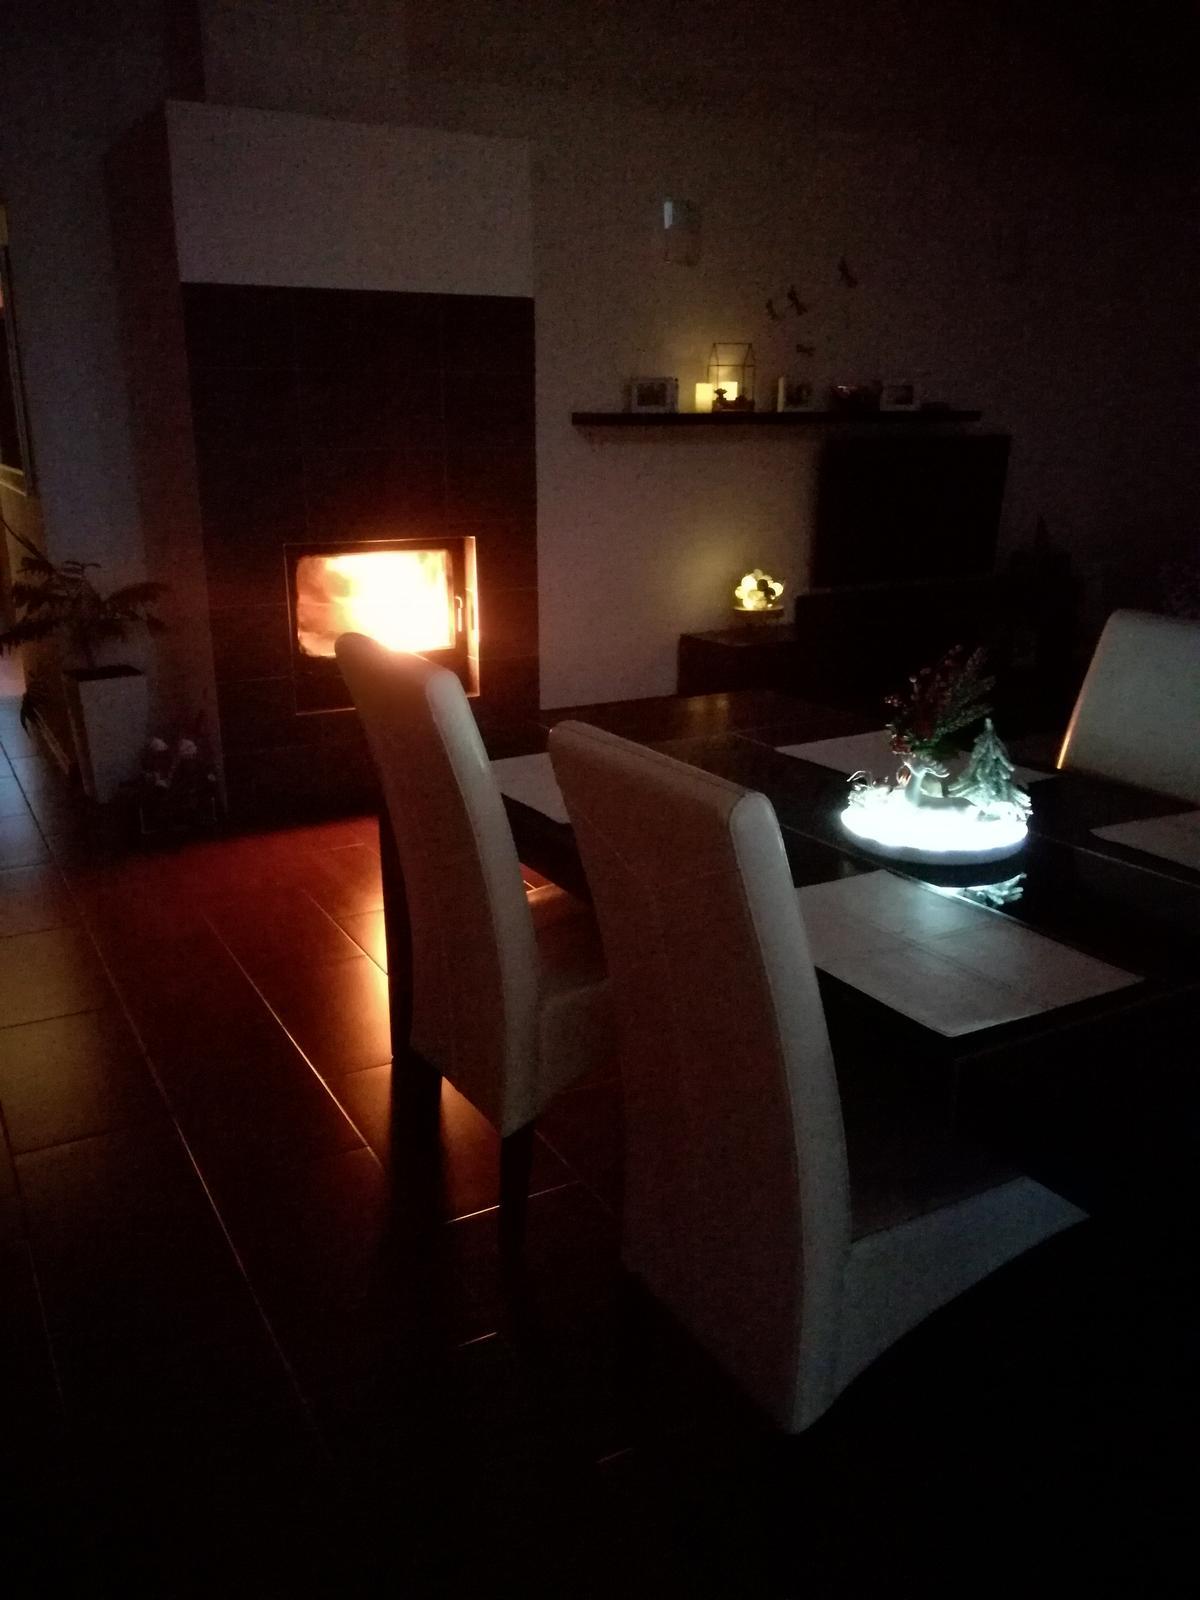 Domov sladký domov..... - pekný sobotný večer. U nás riadne fuka aspoň vo vnutri je príjemne